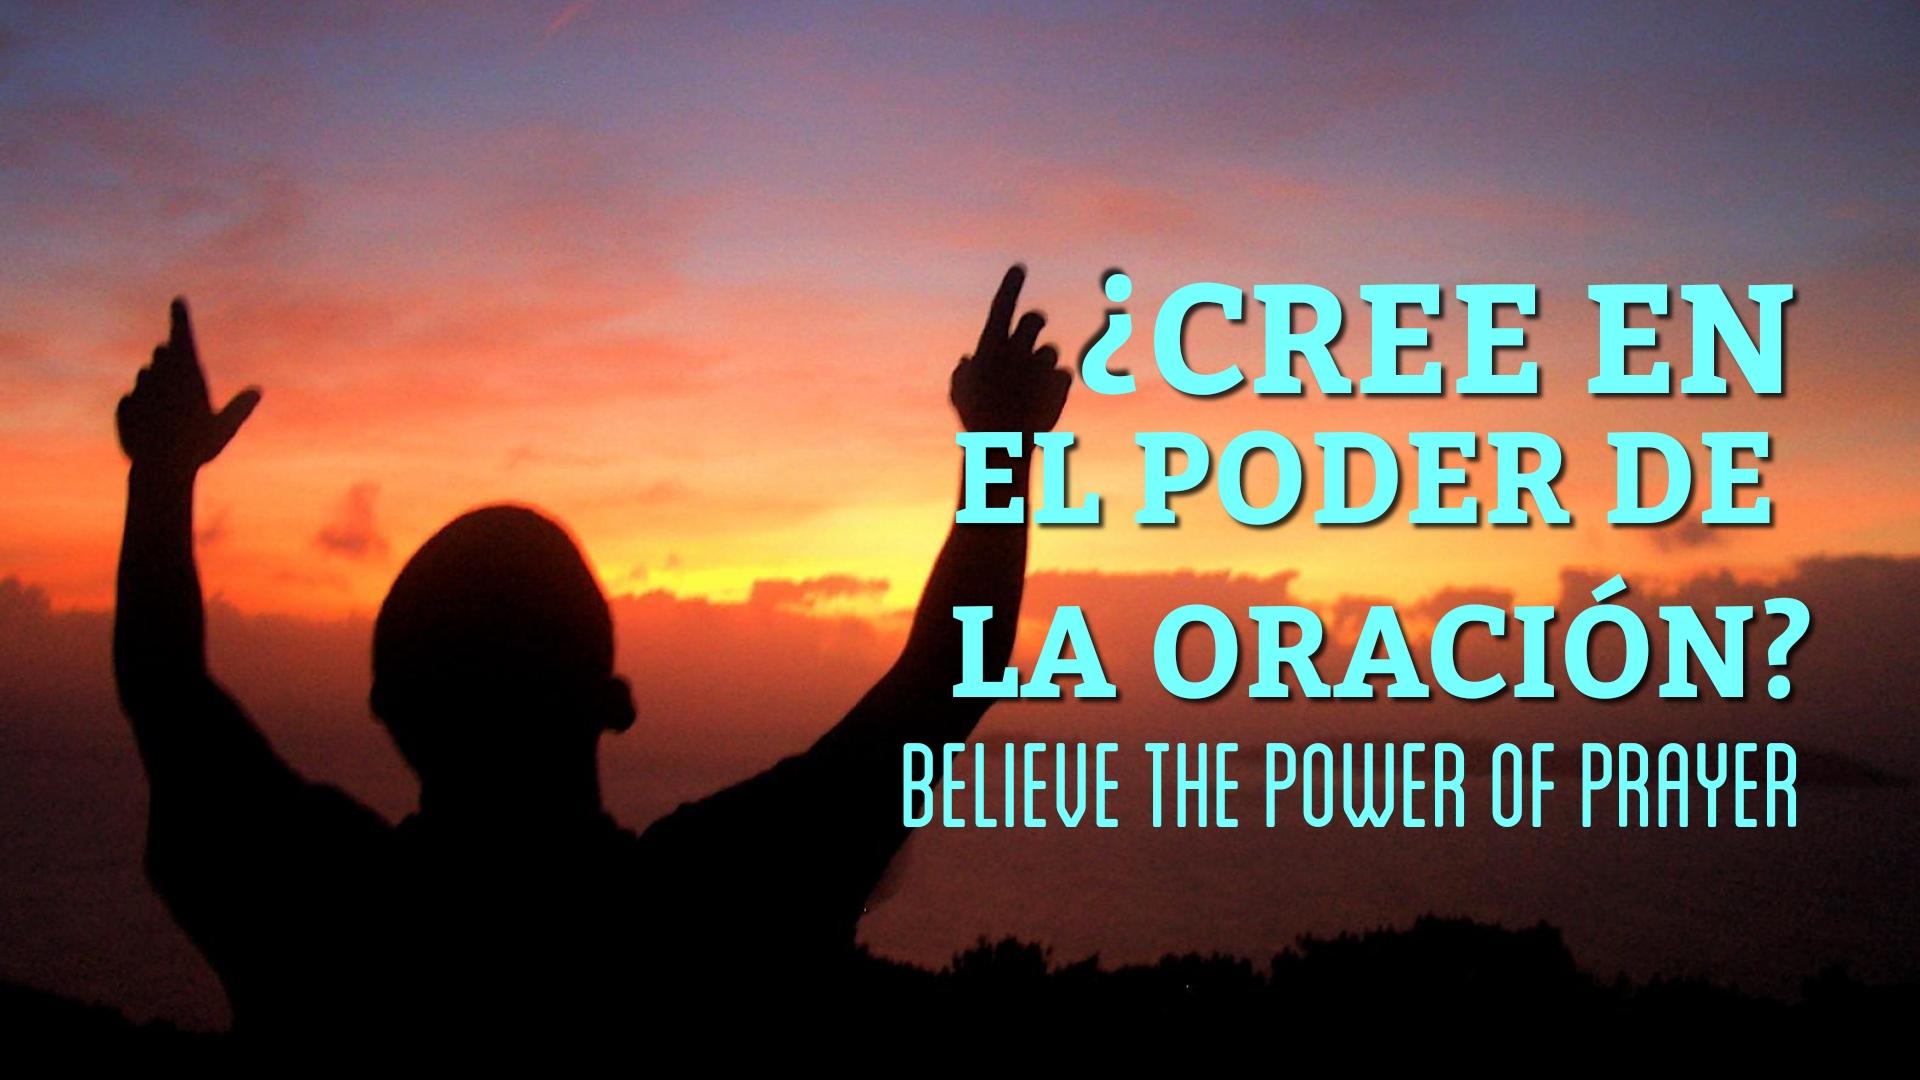 El poder de la oracion 07.03.19 (1).jpg